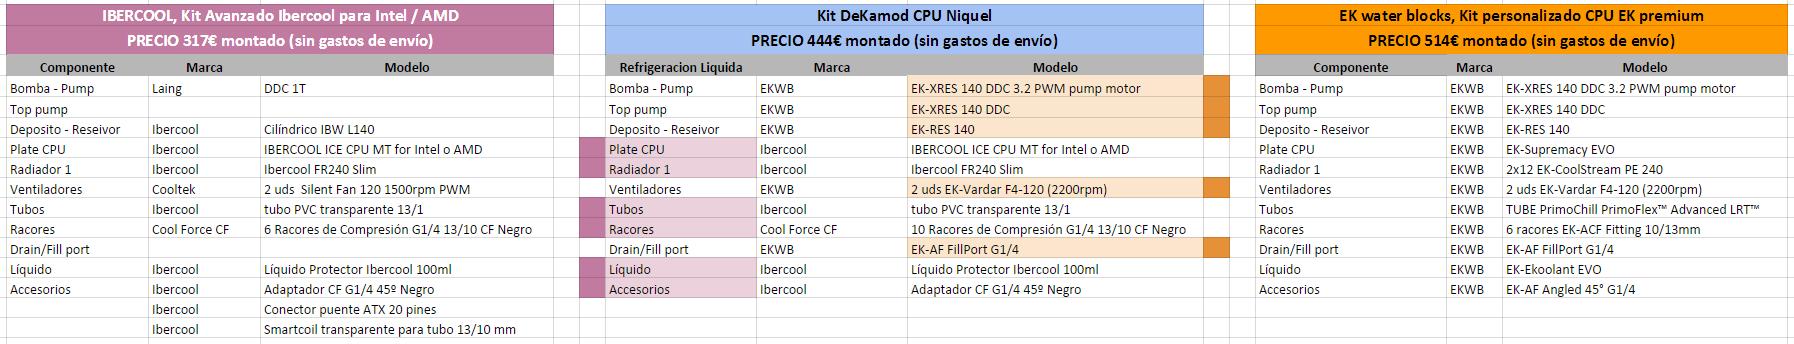 Características y precios de kit cpu de refrigeración liquida, con montaje por DeKa